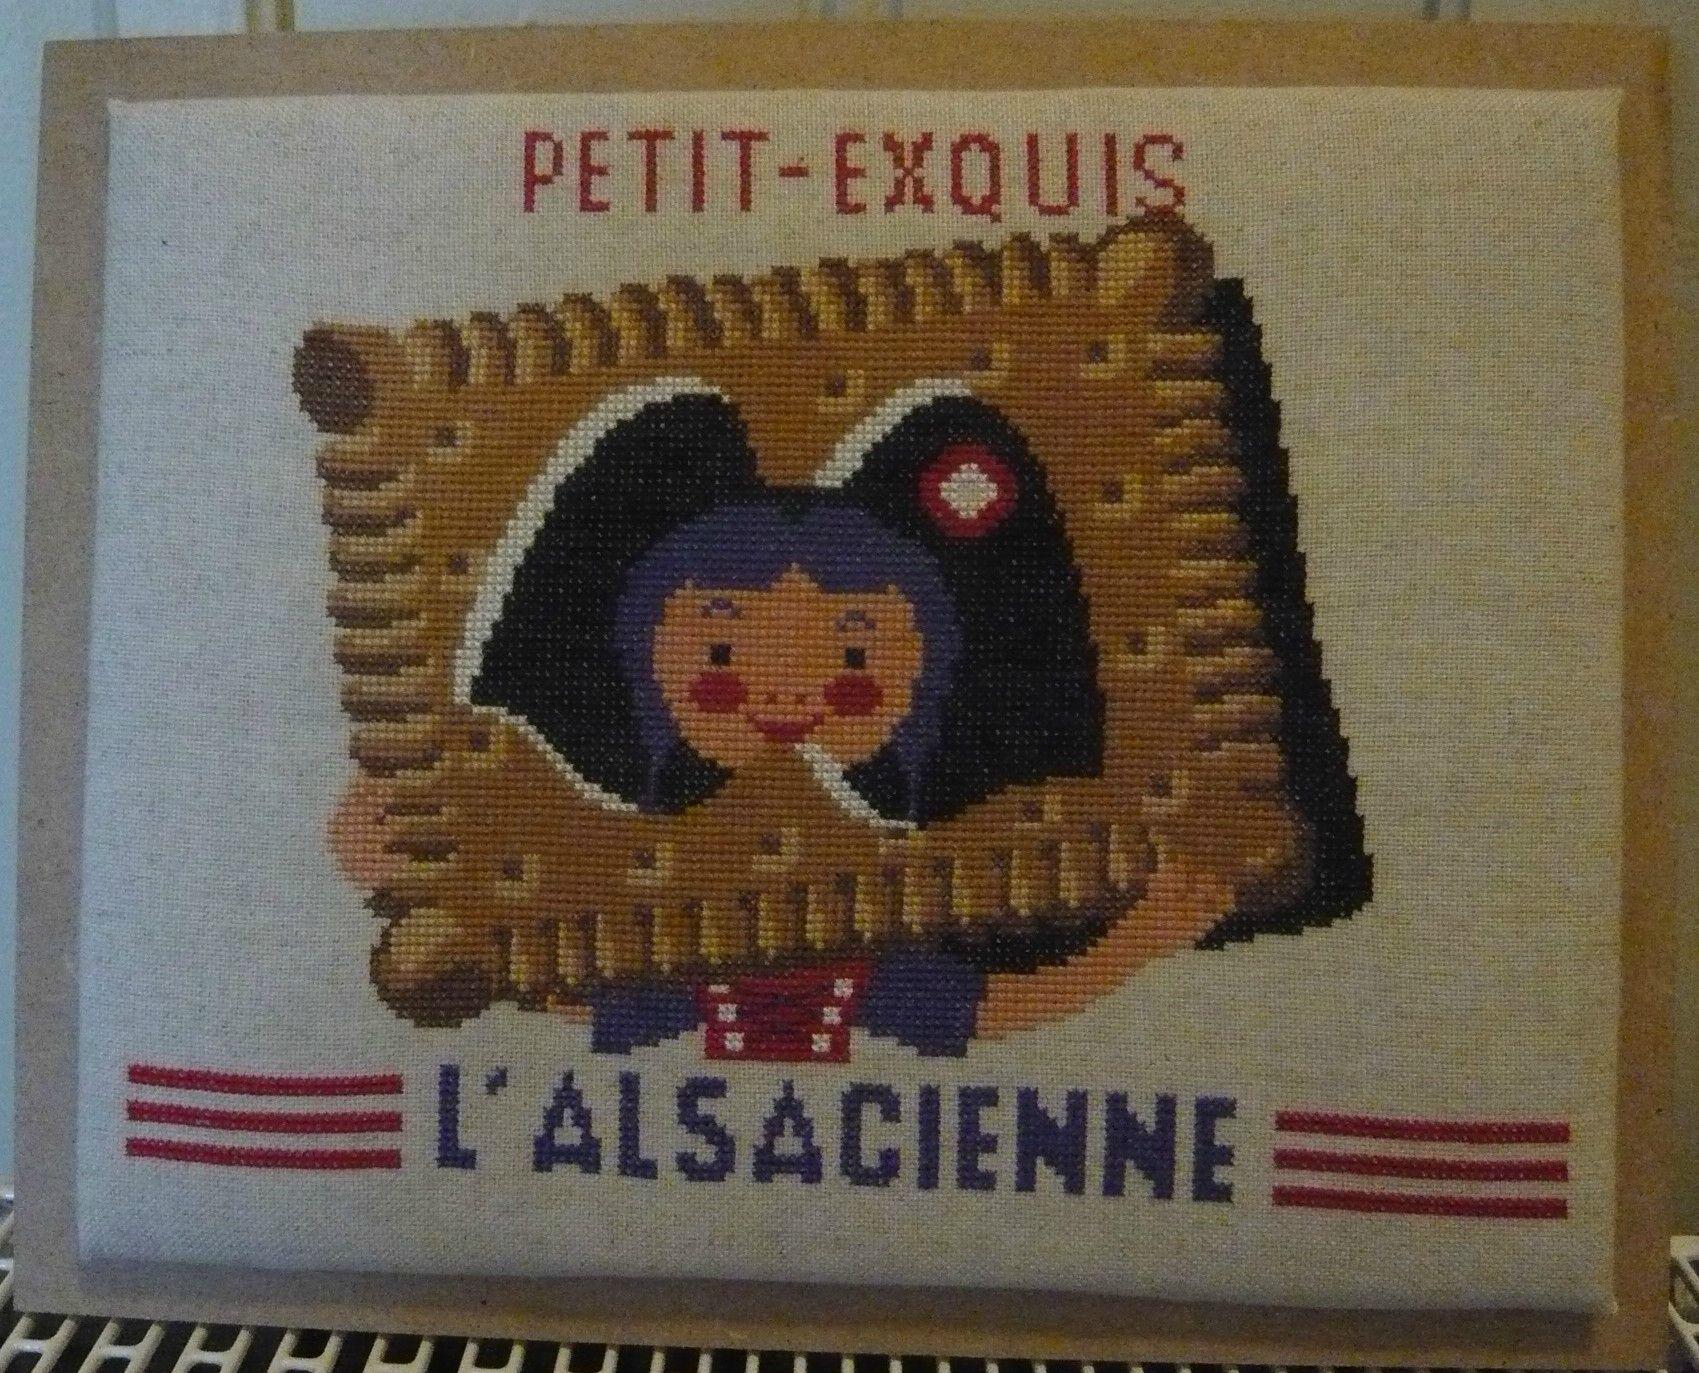 Les 25 meilleures id es de la cat gorie tapisserie cuisine sur pinterest tapisserie pour la - Peut on tapisser sur de la tapisserie ...